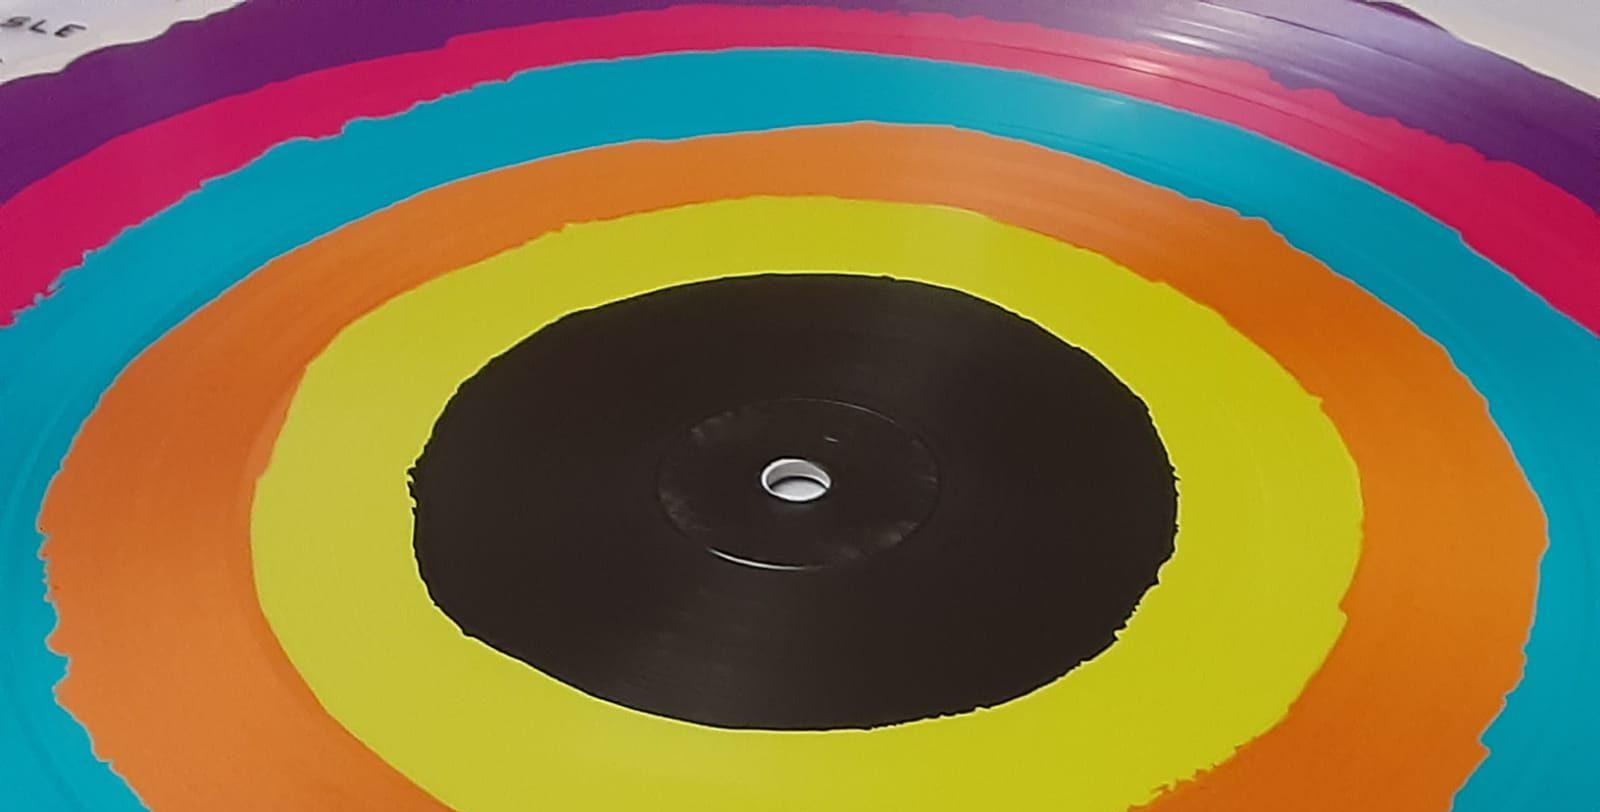 Rainbow colored vinyl record